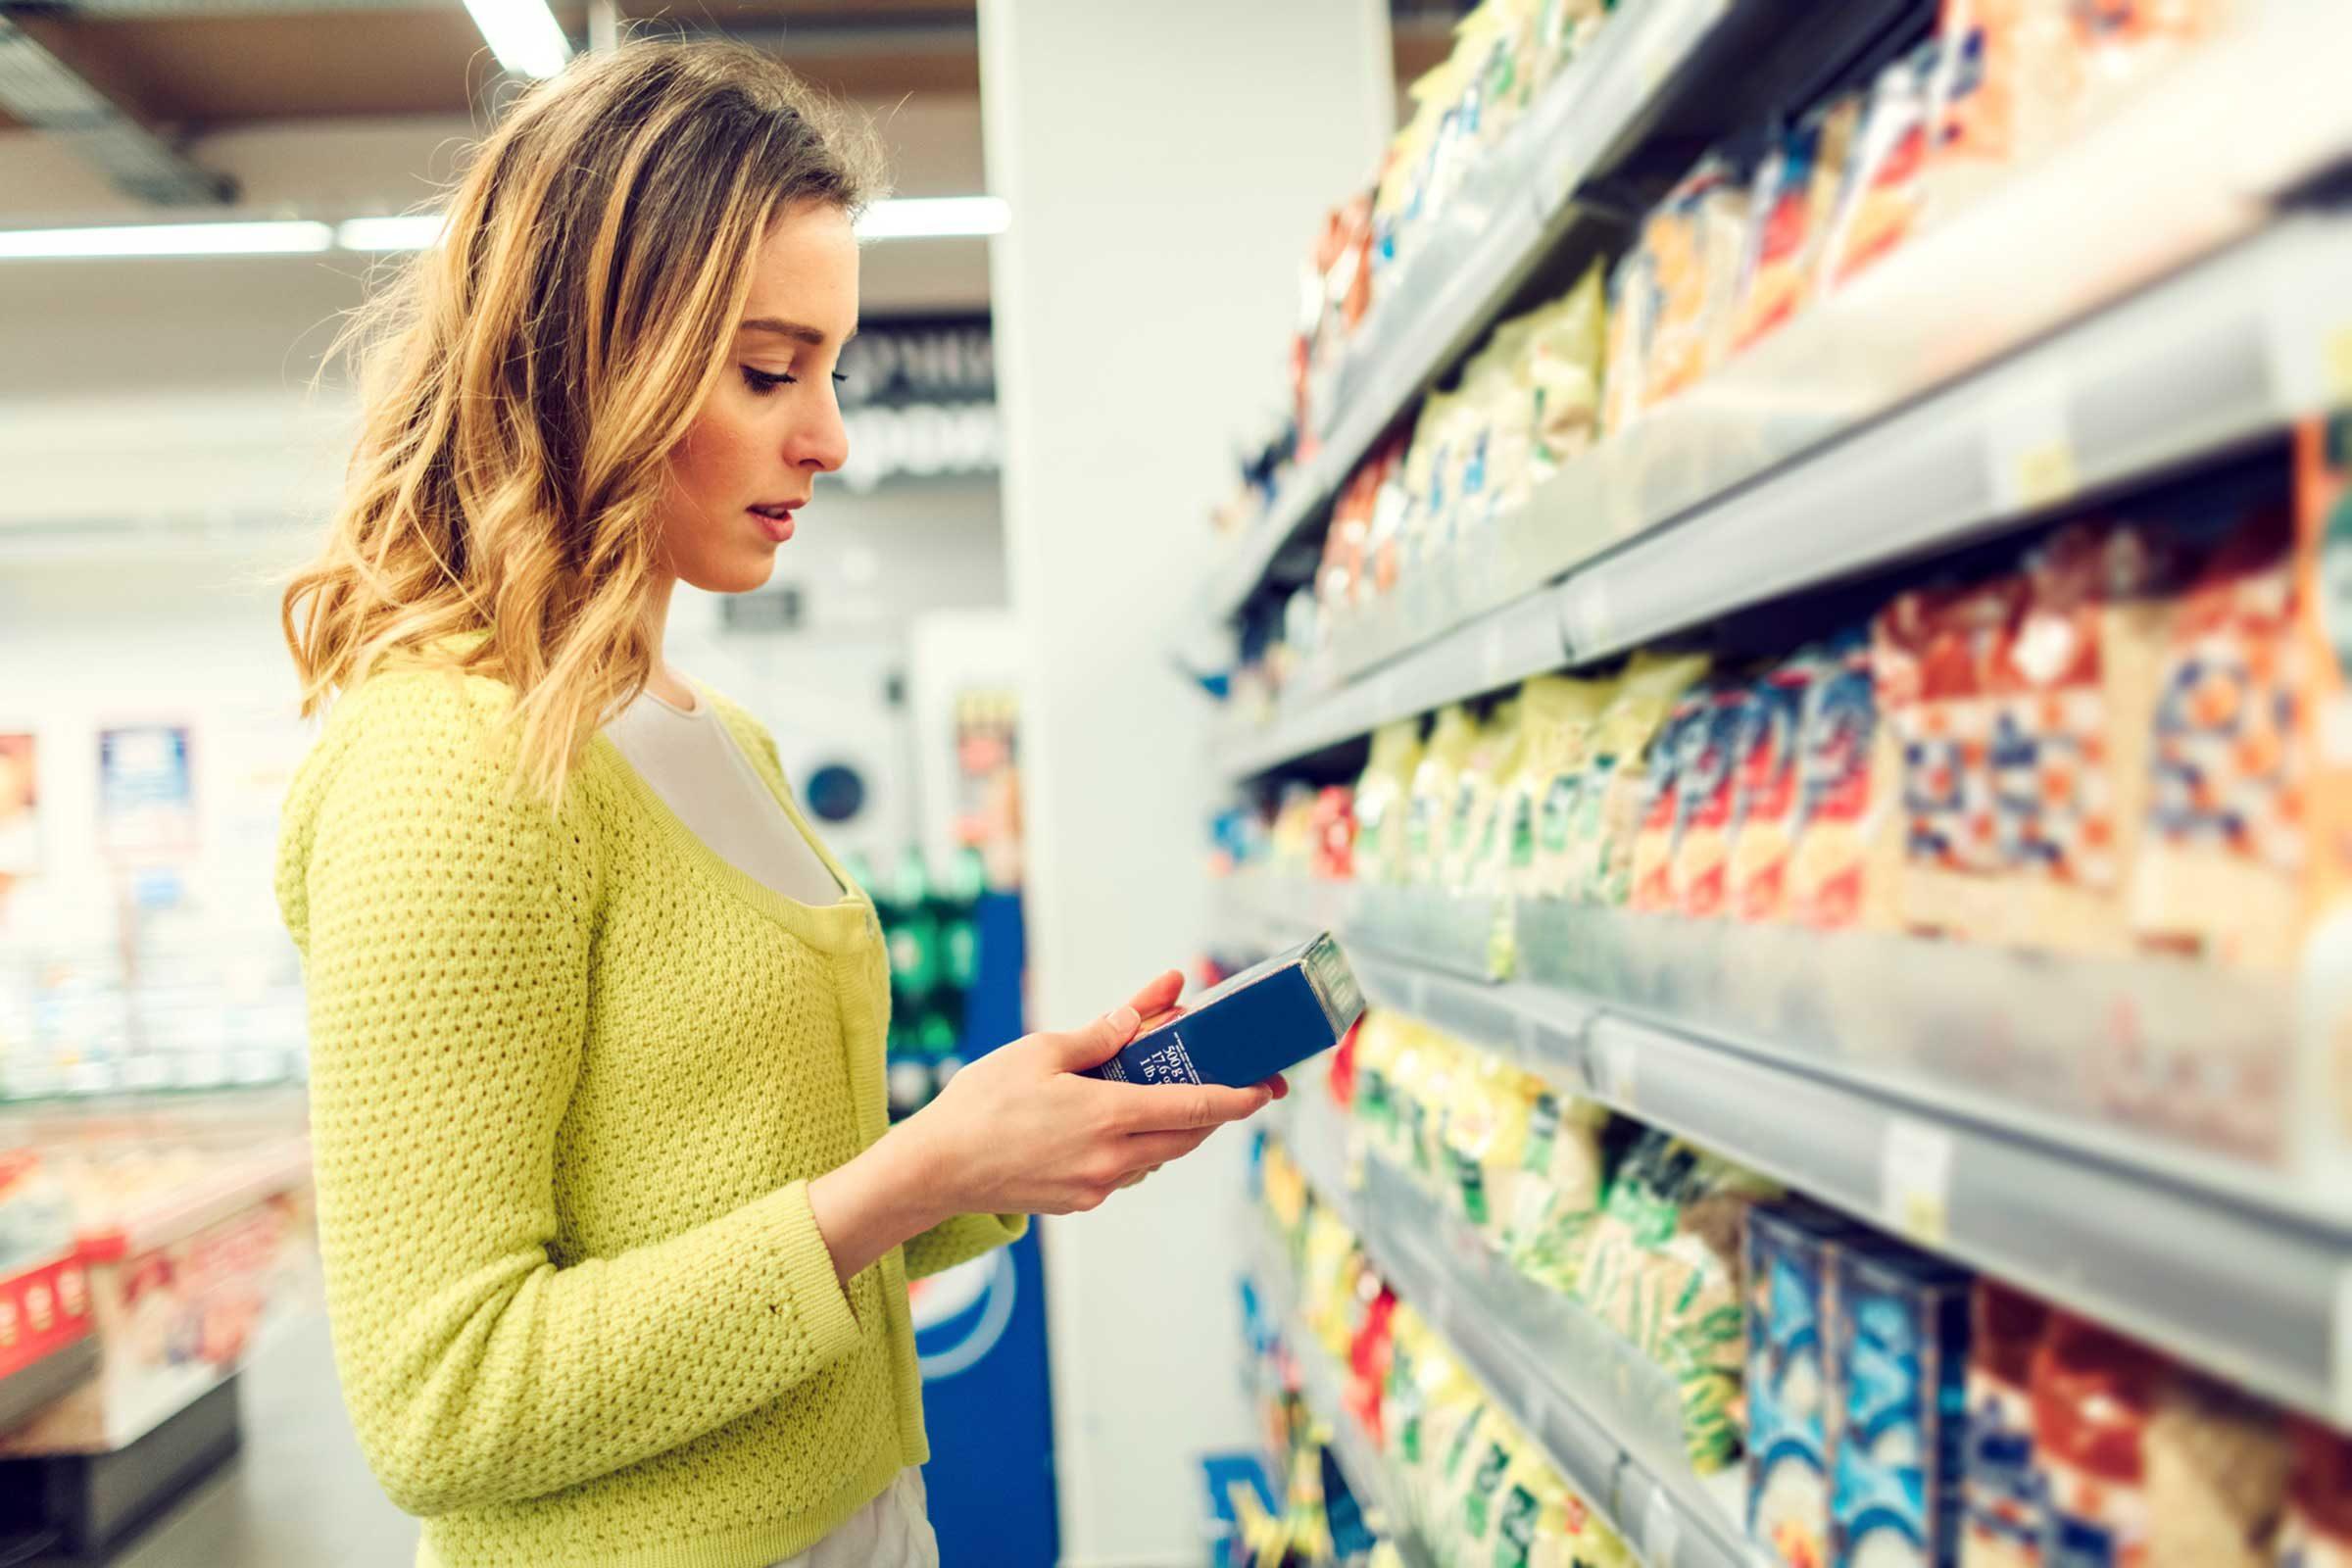 Chceš sa zbaviť závislosti na cukre? Využi nasledujúce spôsoby